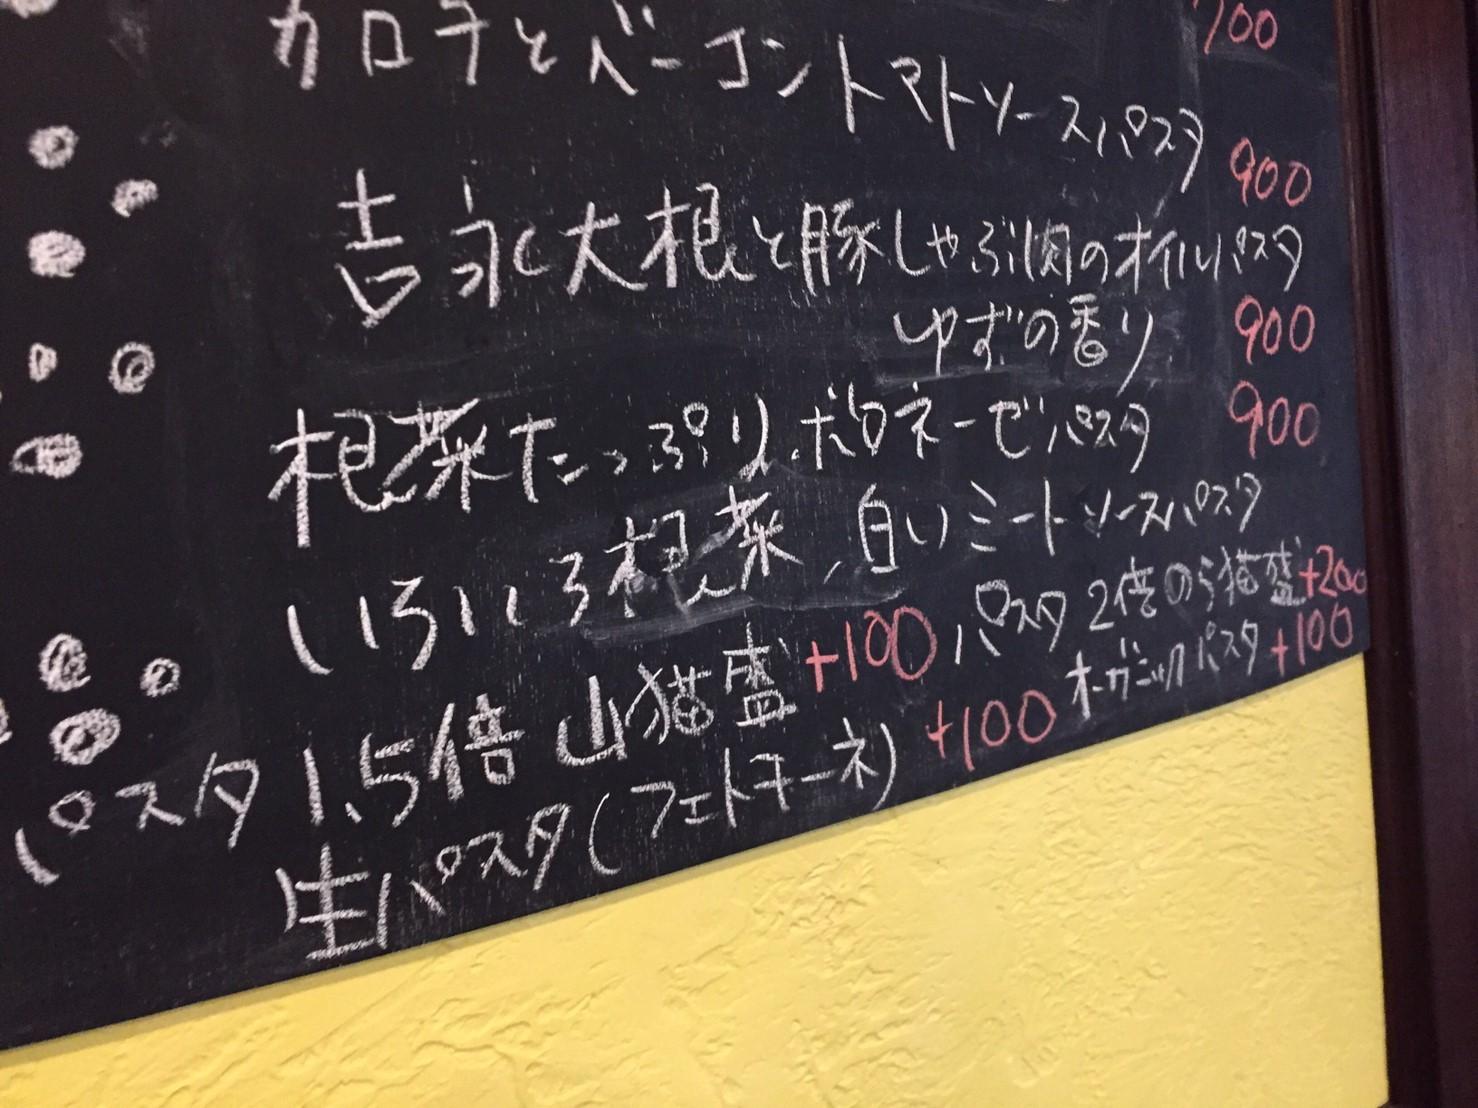 山猫軒  伏見唐辛子と秋茄子の肉味噌ソースパスタ_e0115904_15144340.jpg